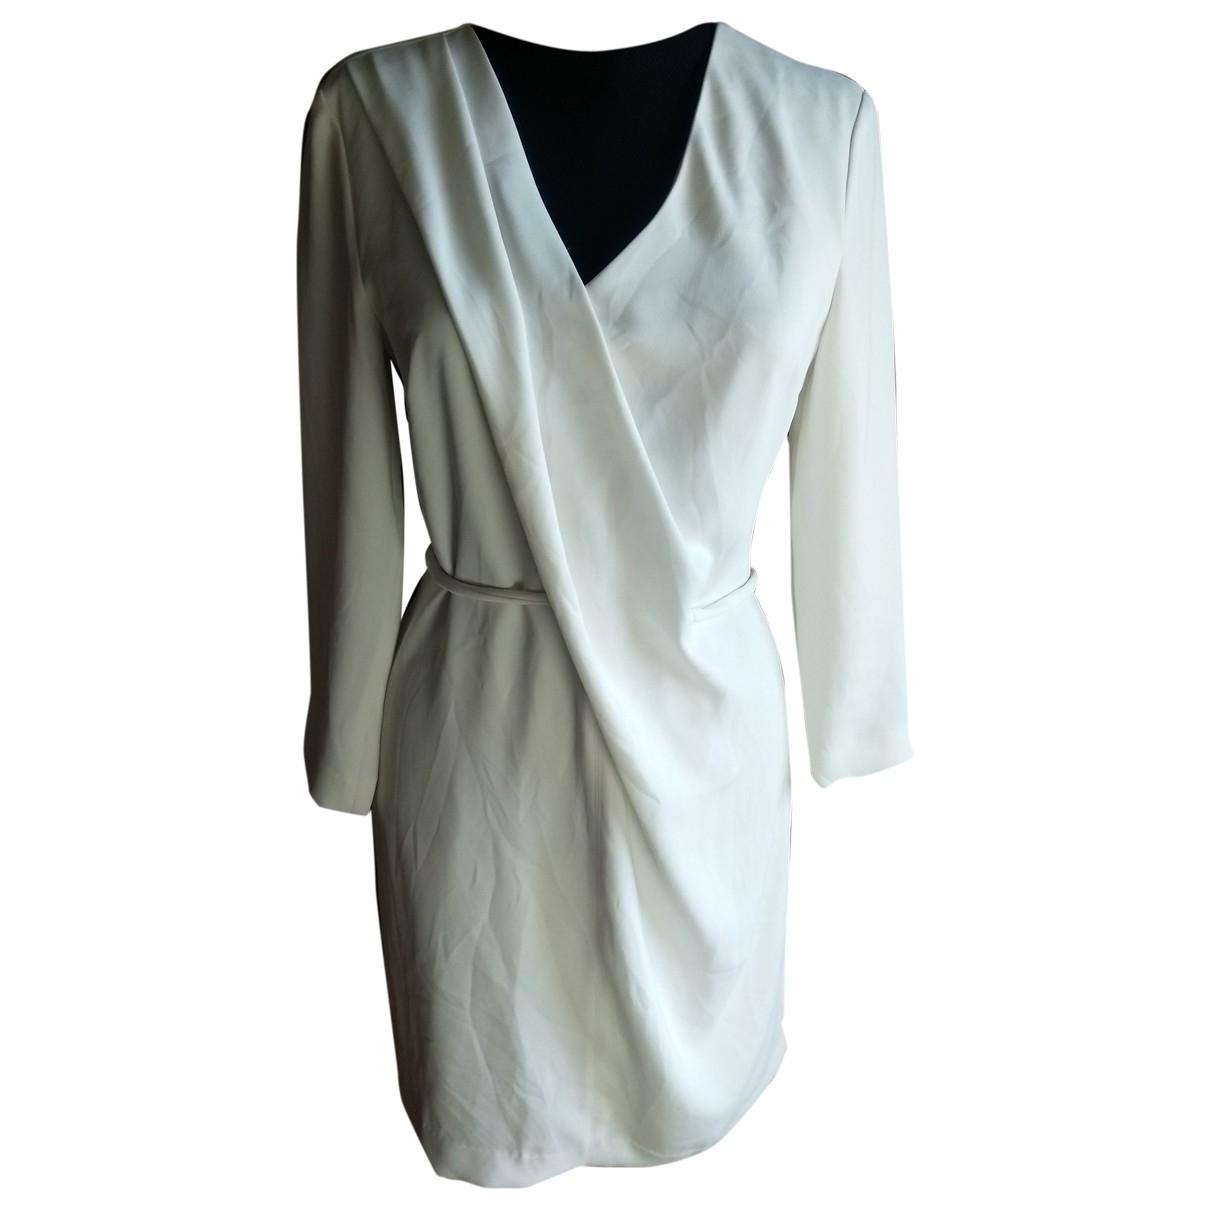 Emporio Armani \N White dress for Women 40 IT